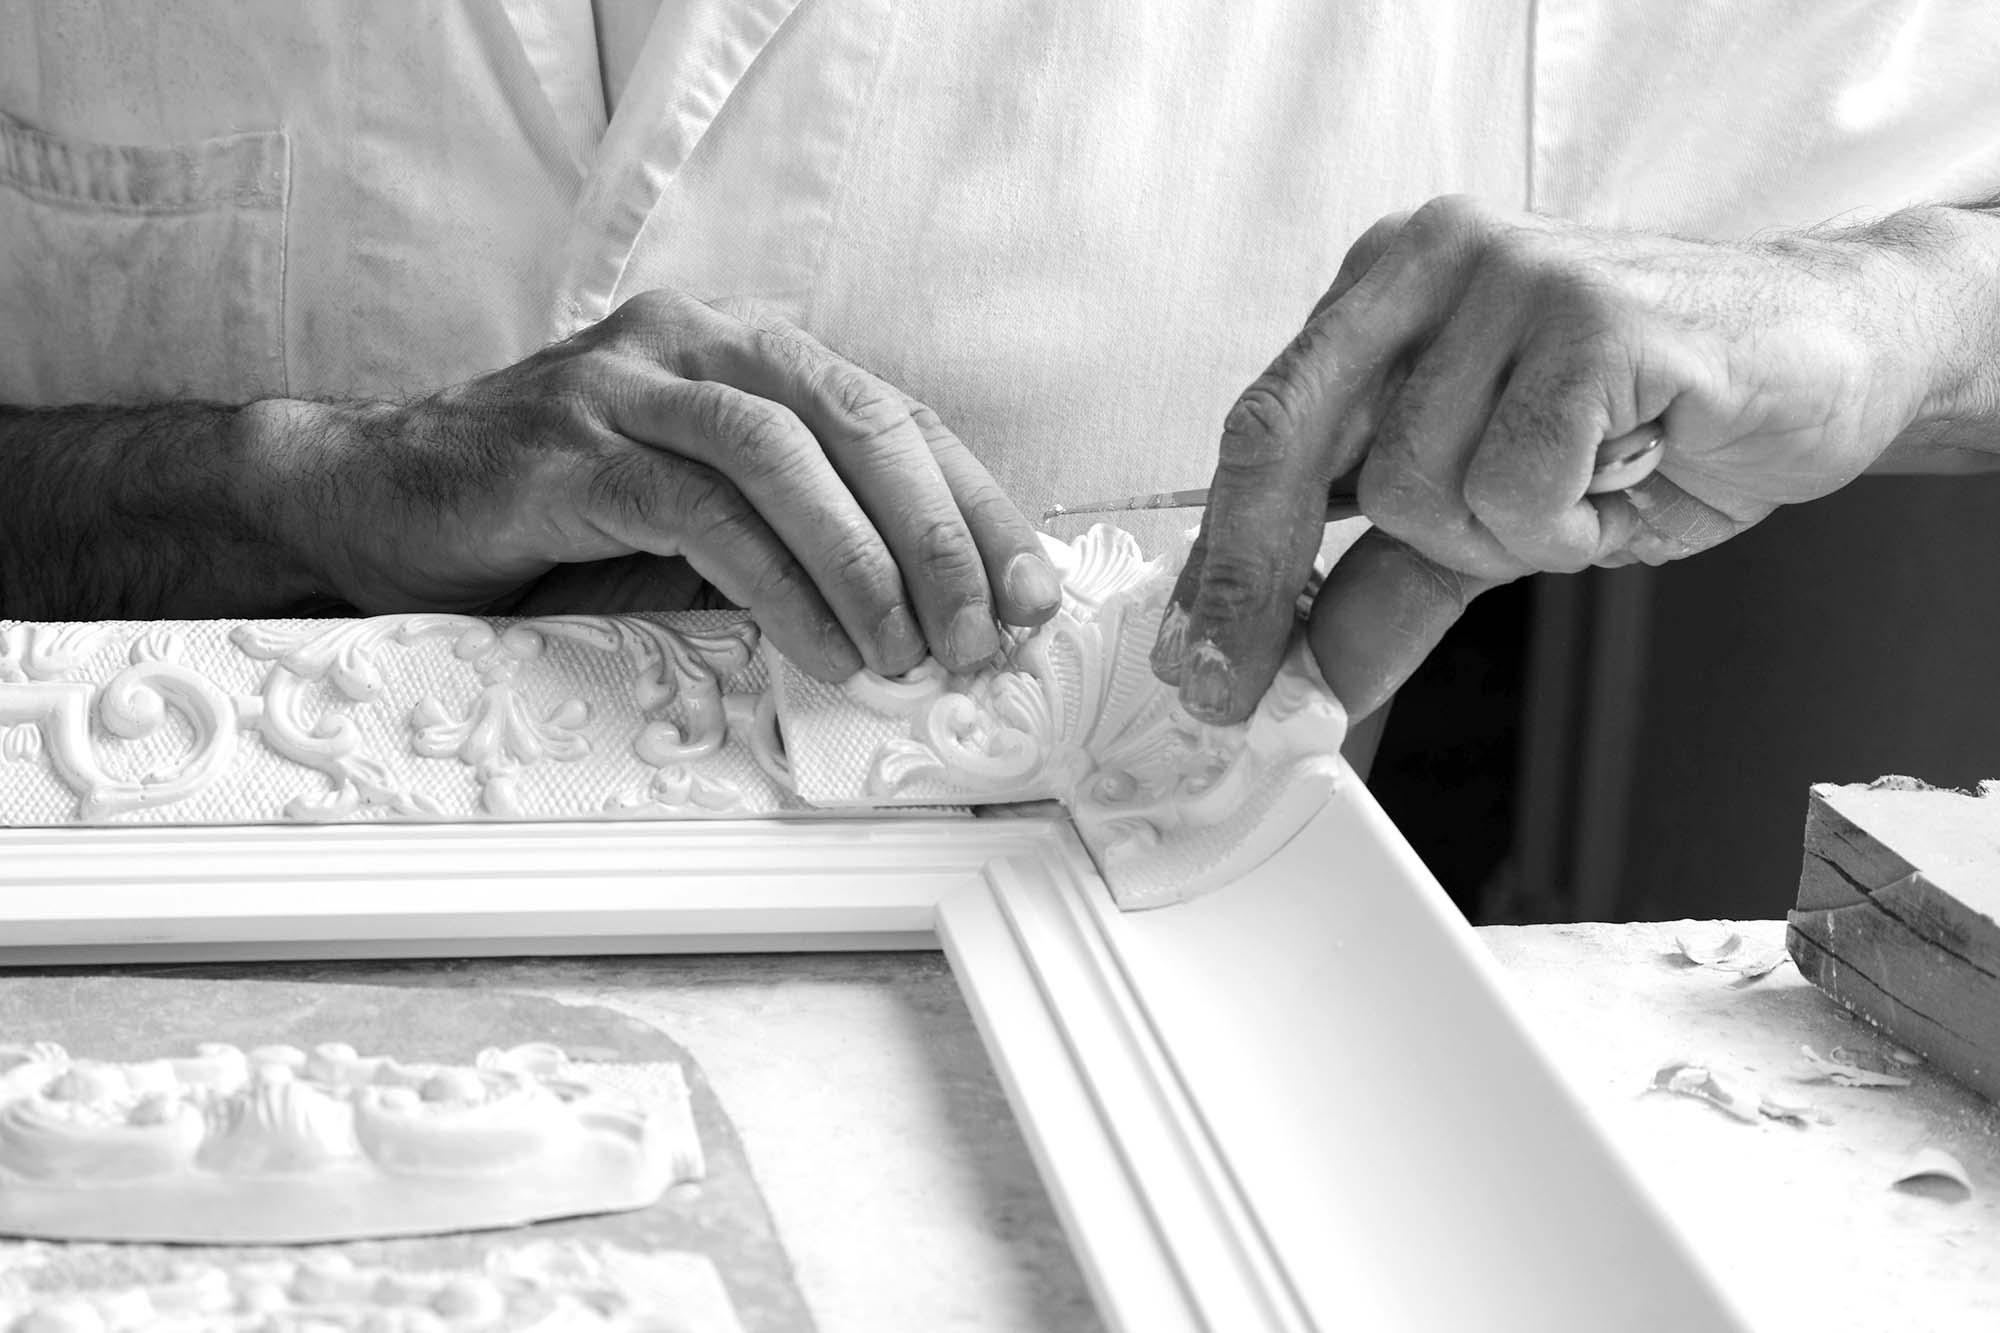 Neess encadrement atelier encadreur cadres de style ancien rg gault réalisés à la main moulage profil détail enduit rue du page Châtelain Bruxelles